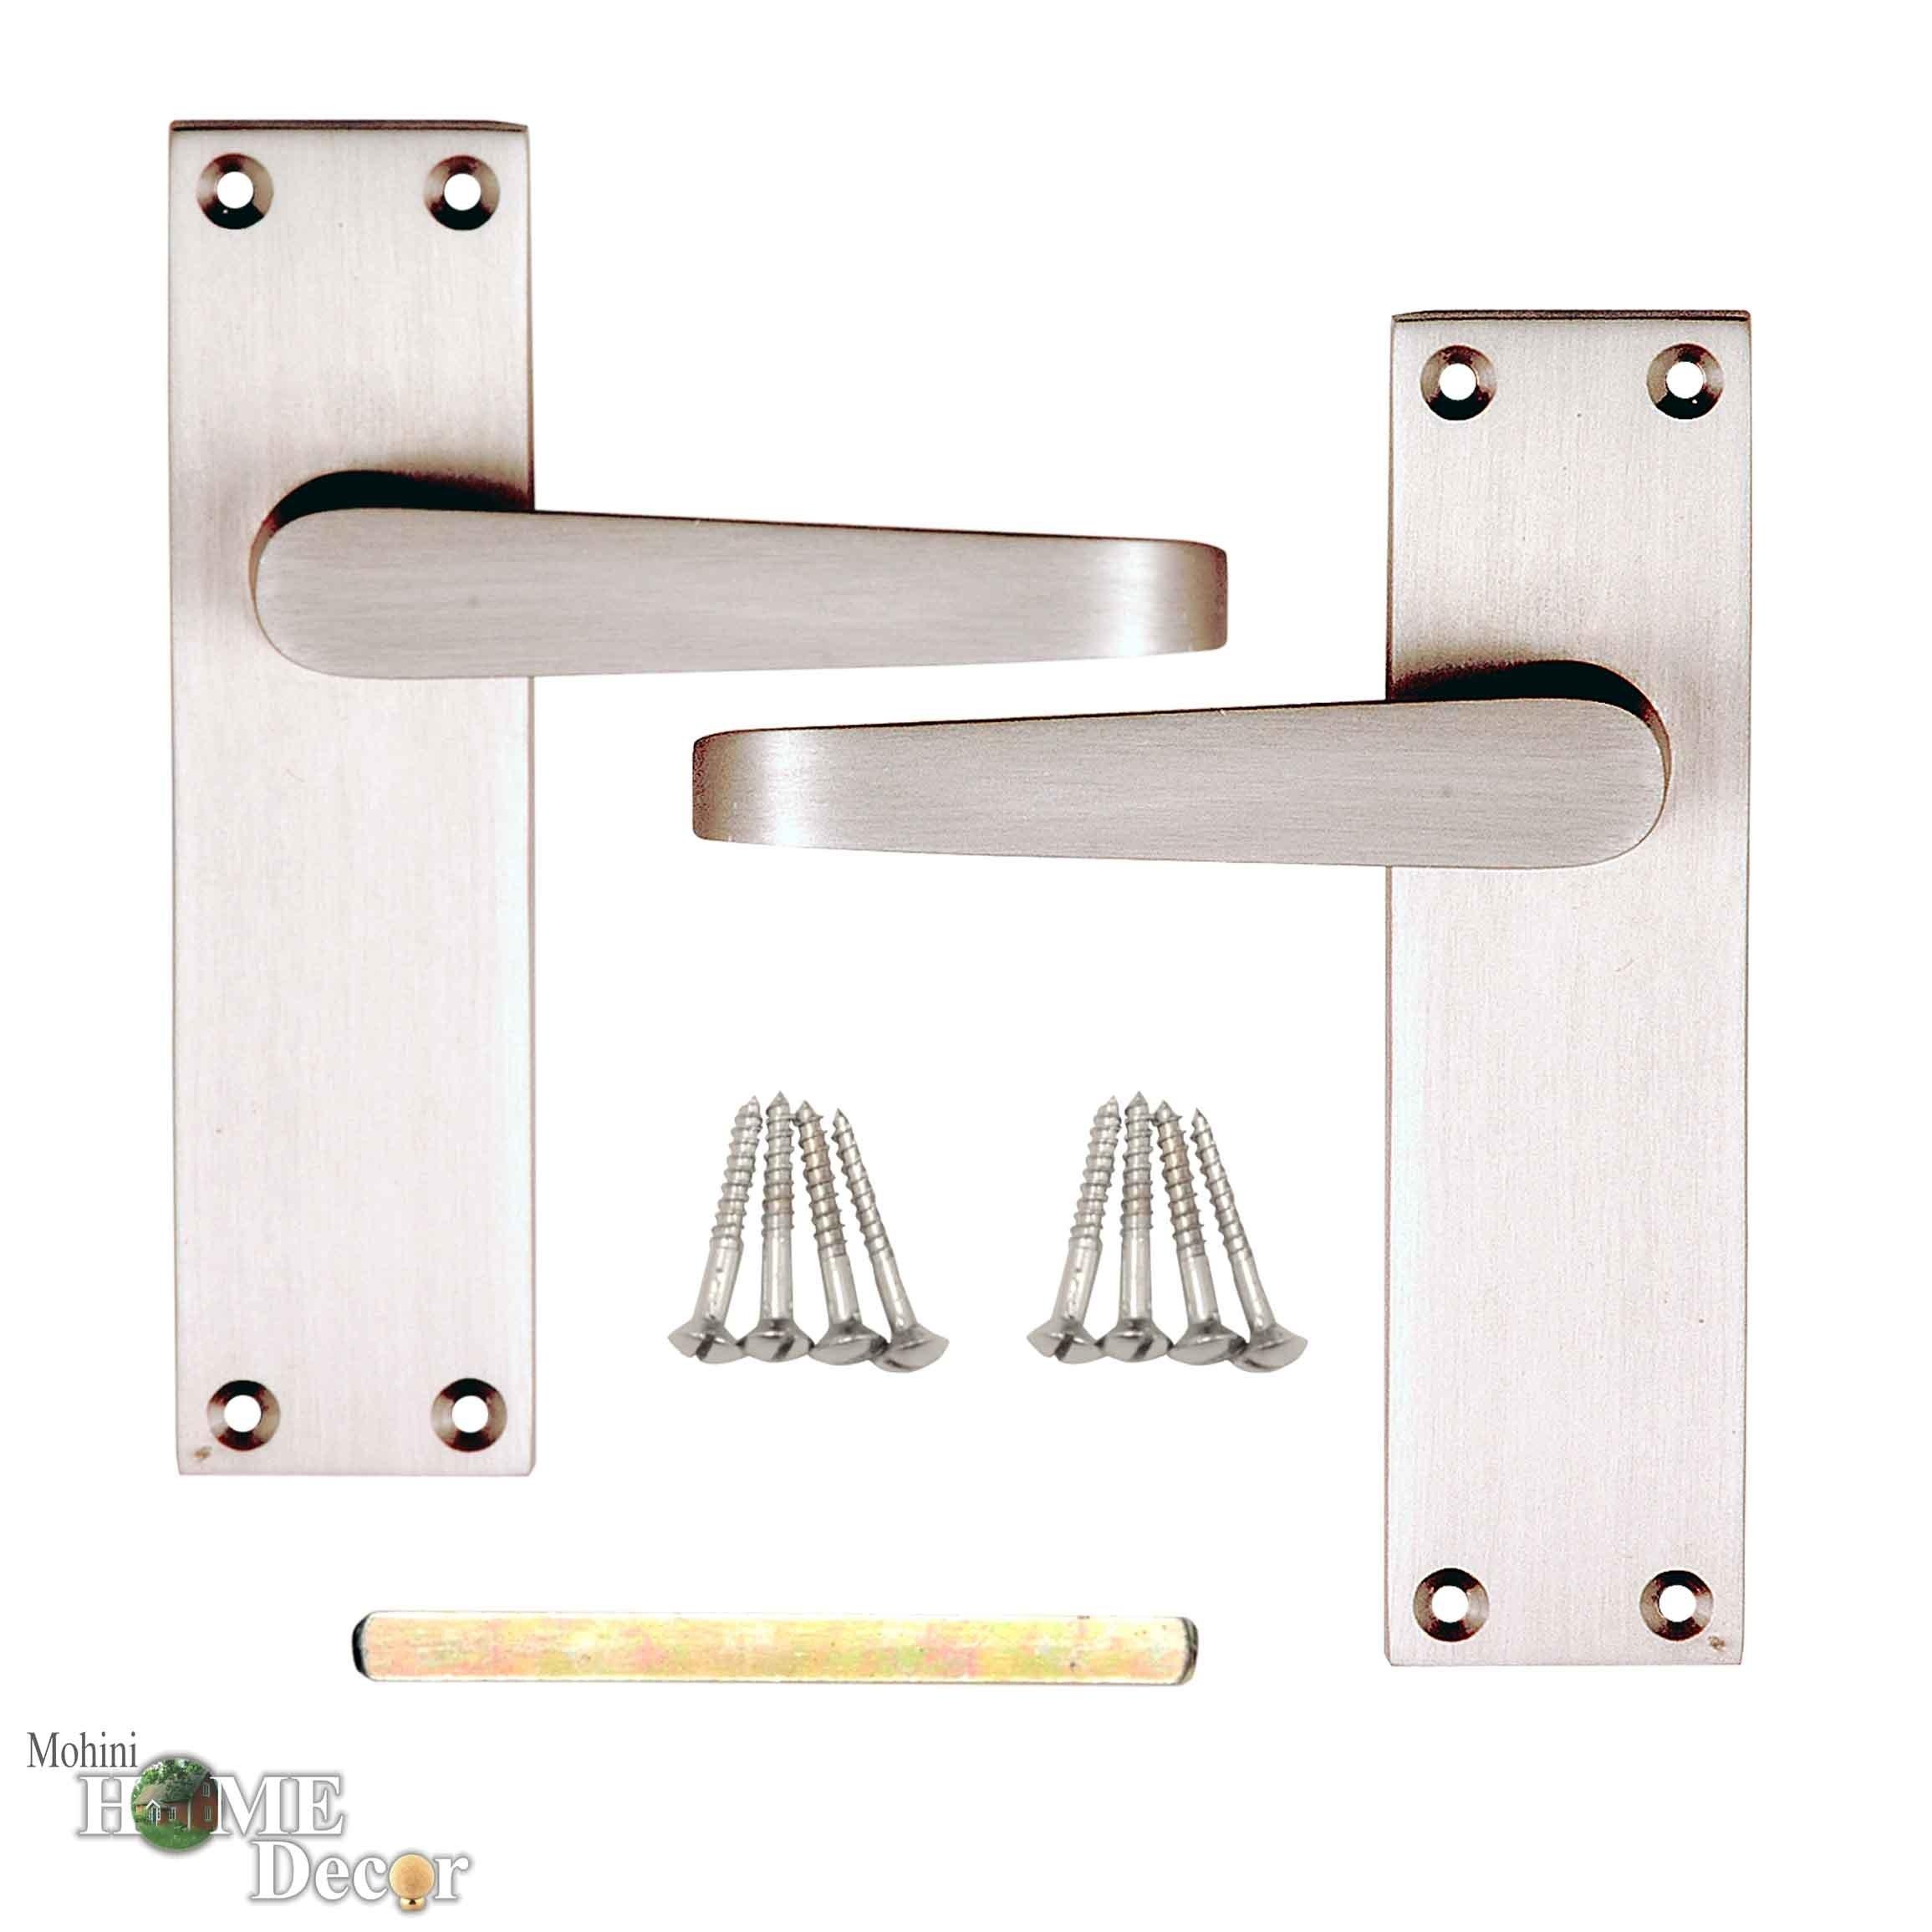 How to measure cabinet doors - Brass Door Handles Supplieranufacturers Measure Pro Installation Guide Cabinet